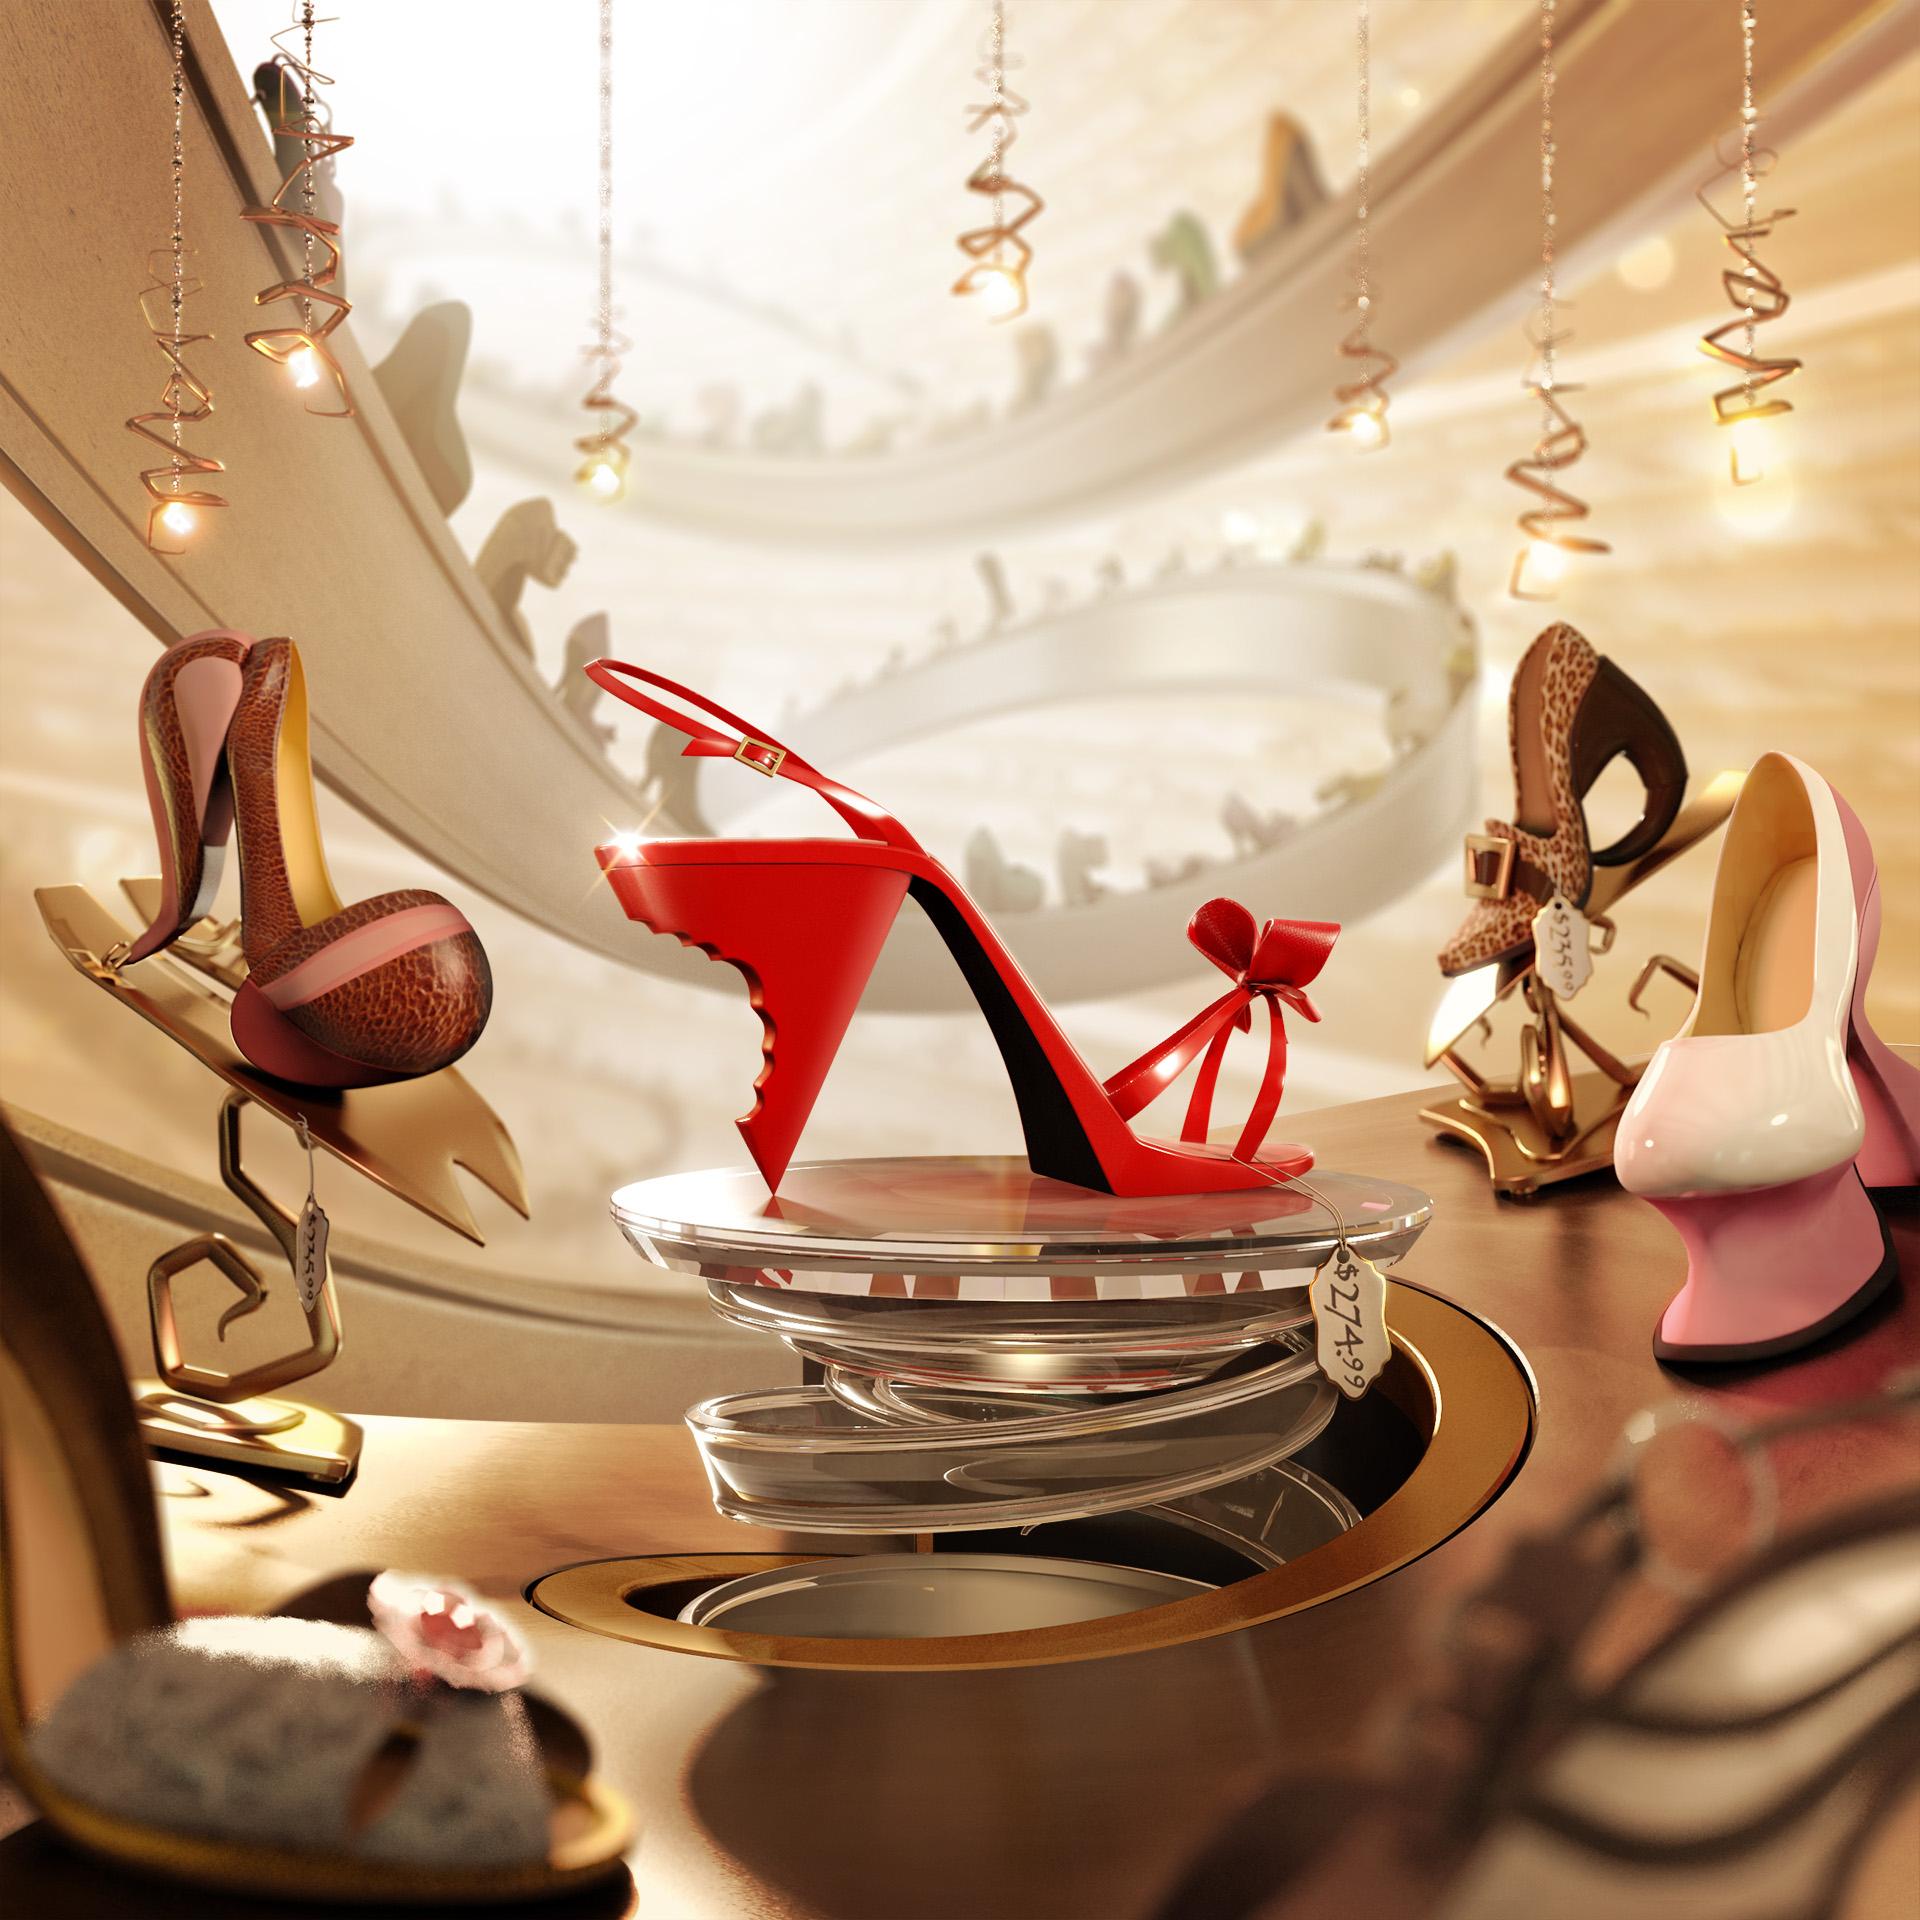 toblerone_shoe_image01